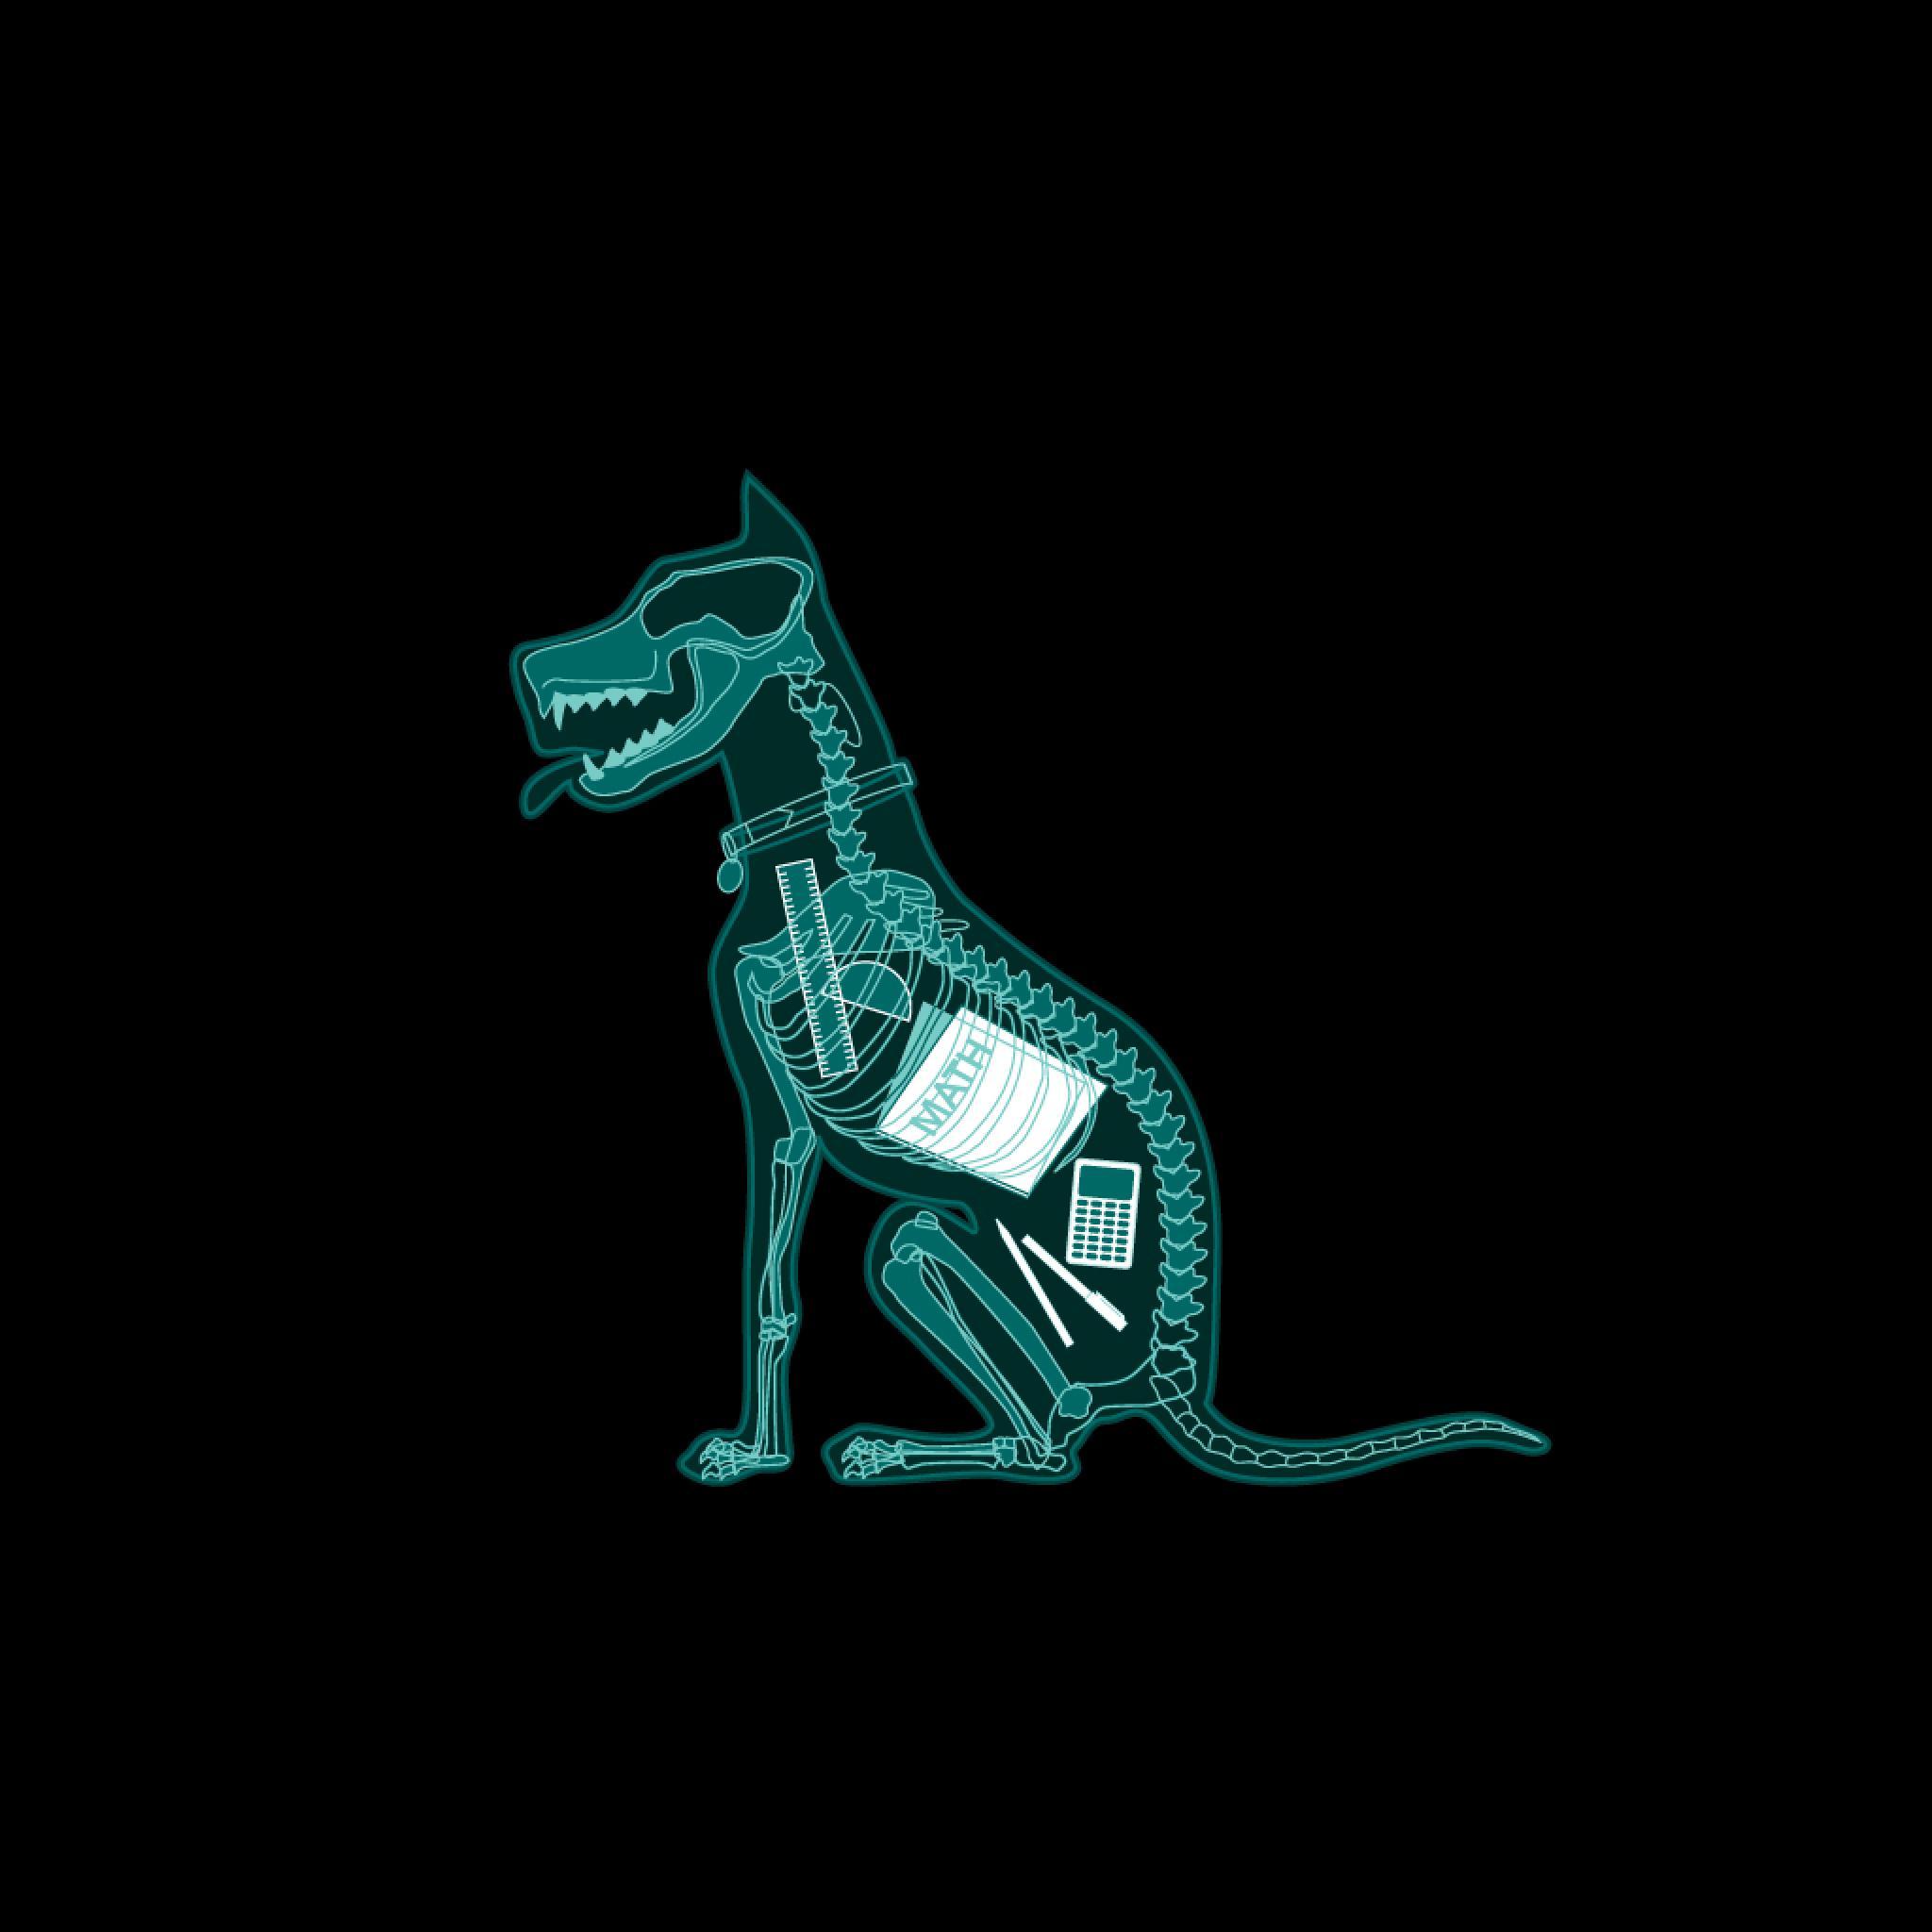 X Ray Wallpaper Iphone Fun Humor Cool Dog School Dog X Ray Ipad Iphone Hd